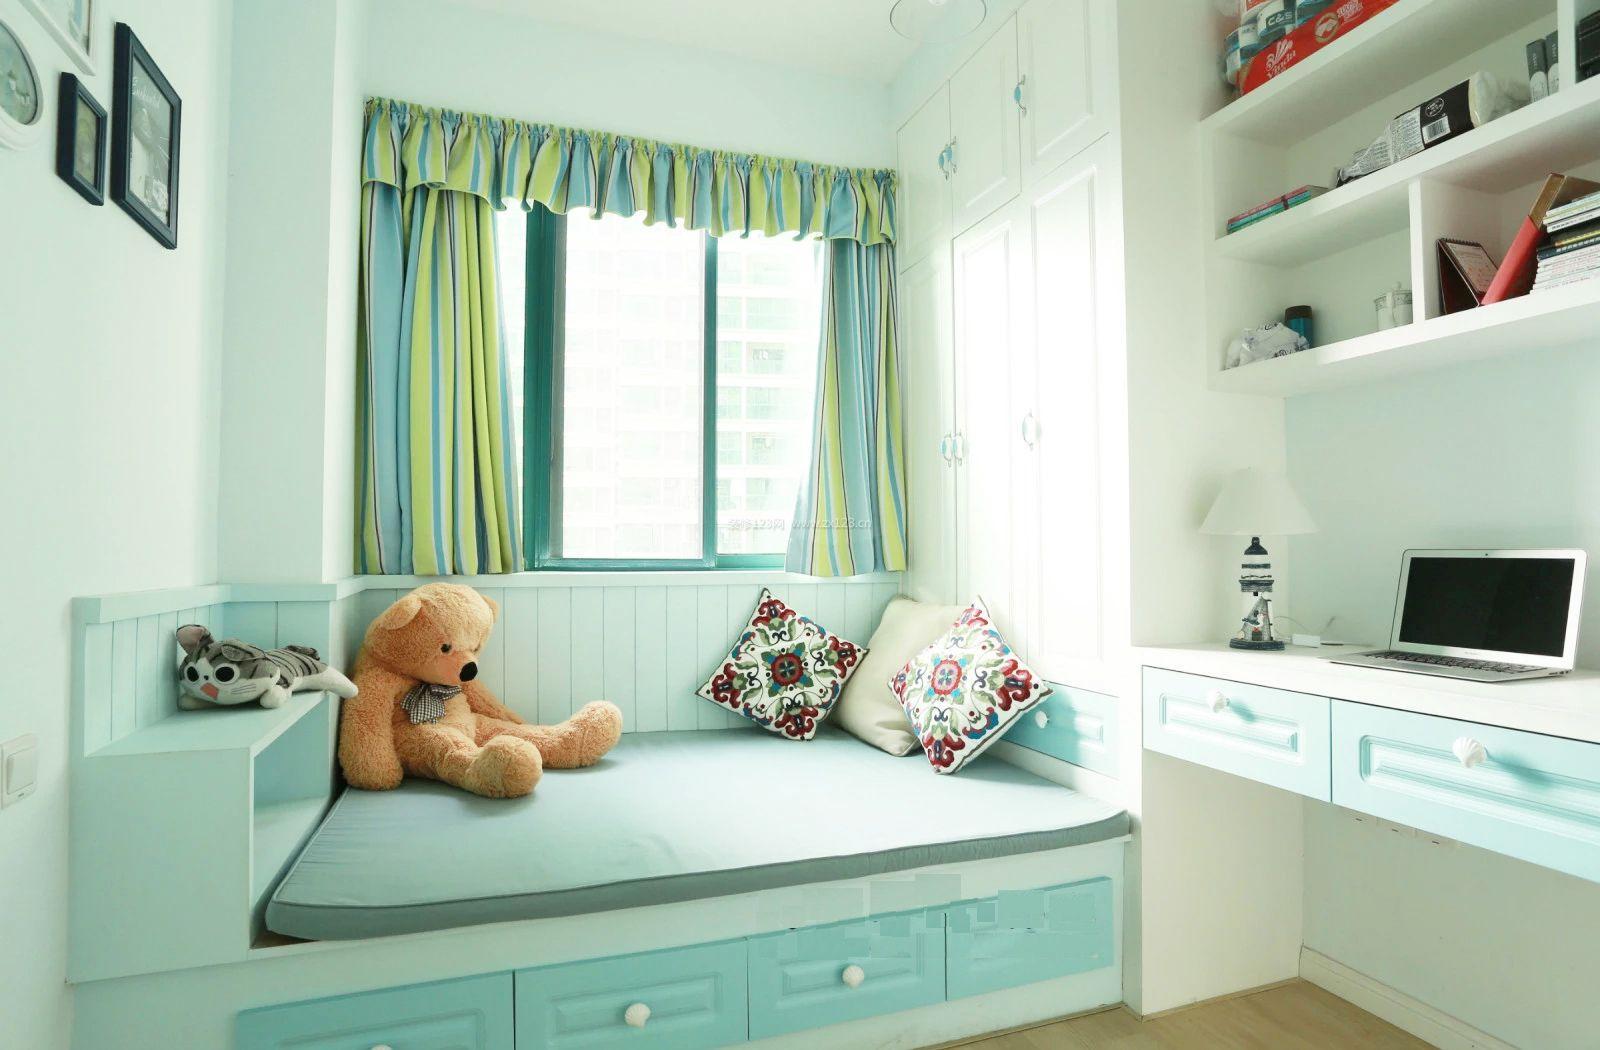 儿童小卧室榻榻米床设计效果图图片